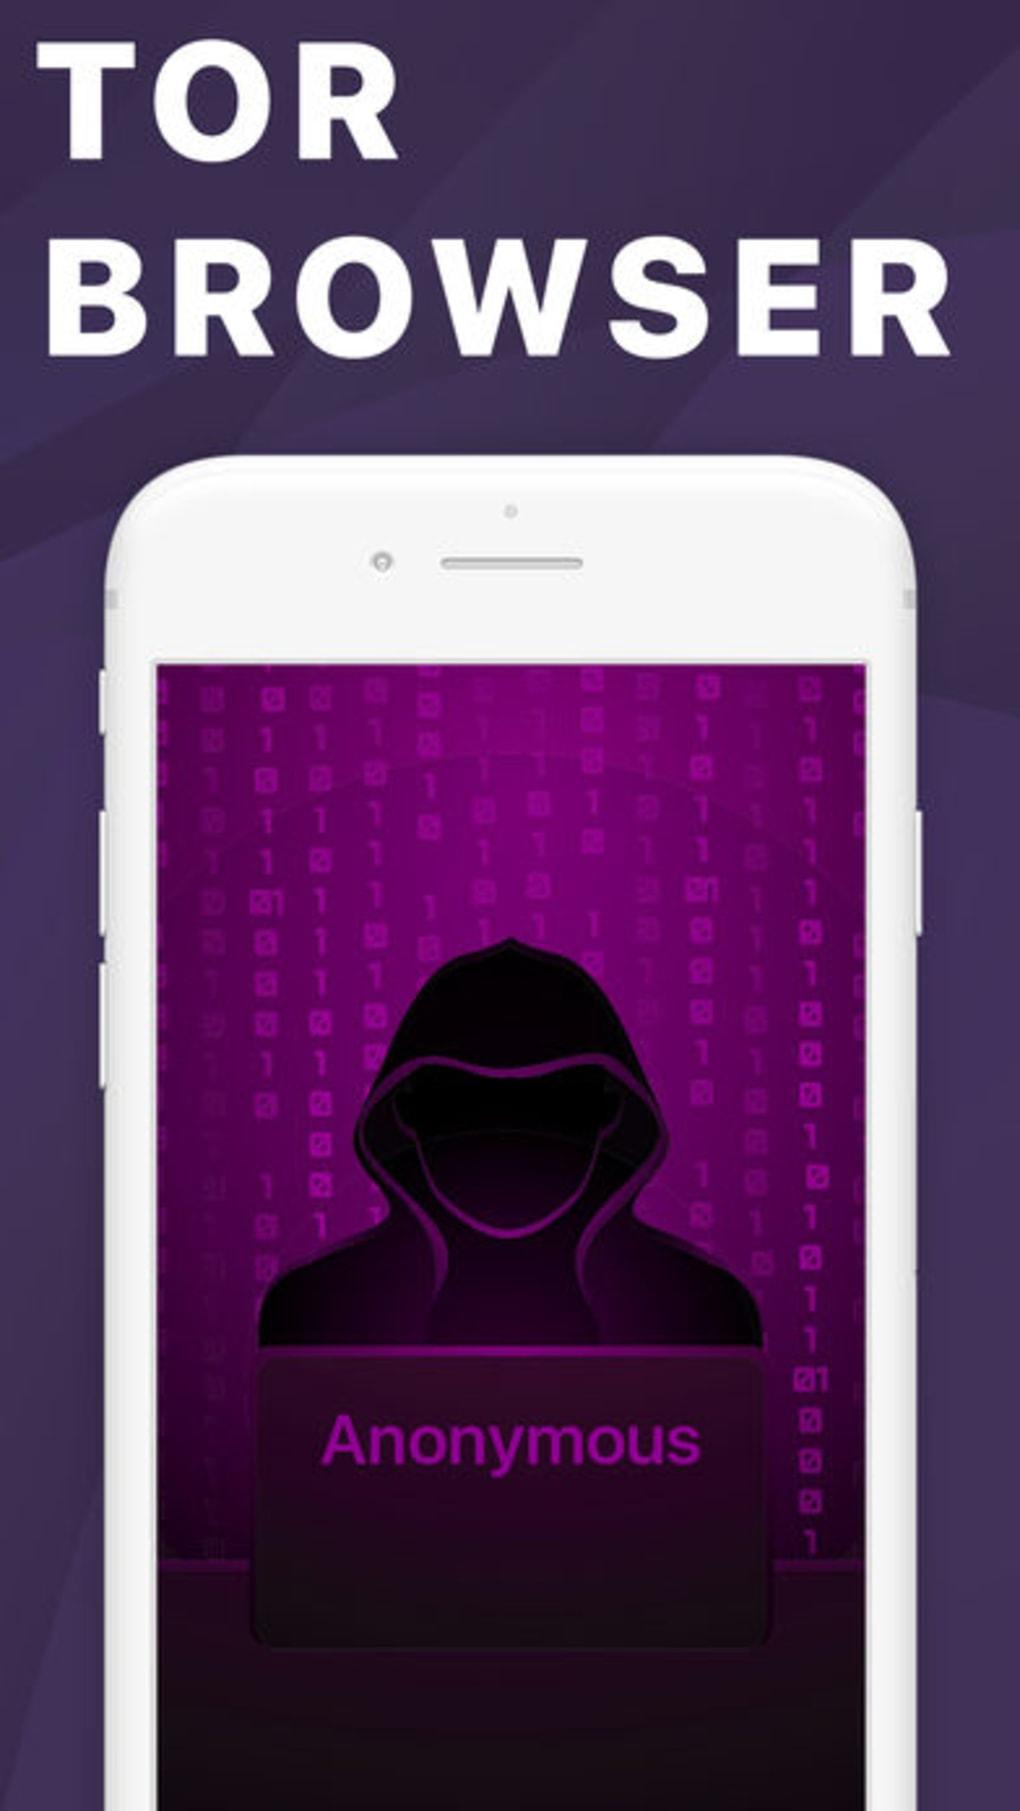 Iphone 4 tor browser hyrda скачать браузер тор портабл гидра